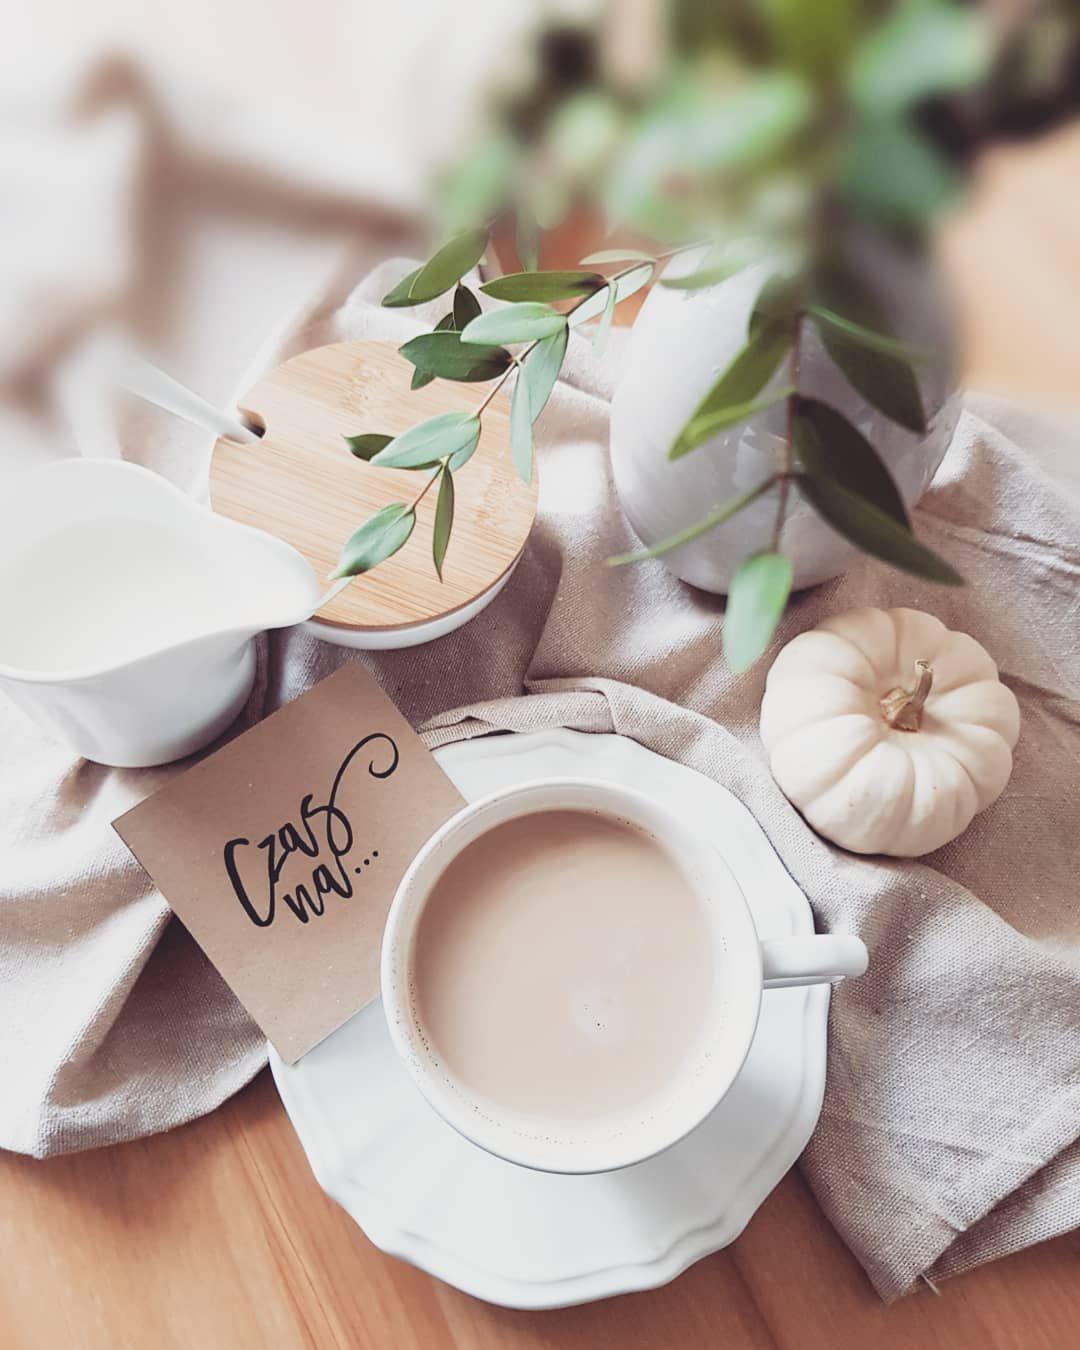 Dzień dobry  Dzień dobry 🍁🌞🍁 Czas na..kawkę, czas na...wtorek🙂😉Niech to będzie dobry dzień,  czego sobie i Wam życzę 😘🙂 🌞🍁HAVE A NICE DAY🍁🌞